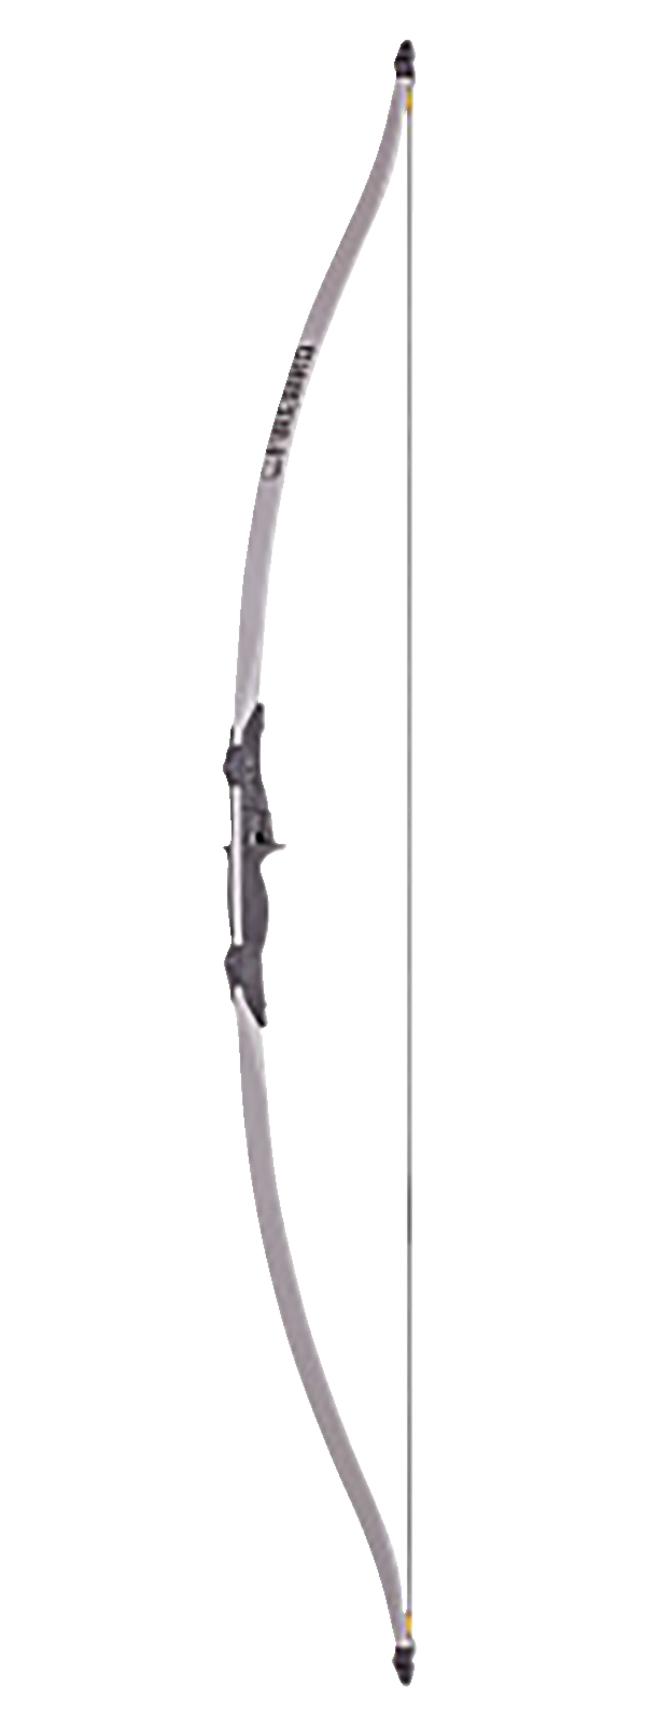 Archery, Archery, Archery Targets, Item Number 006307